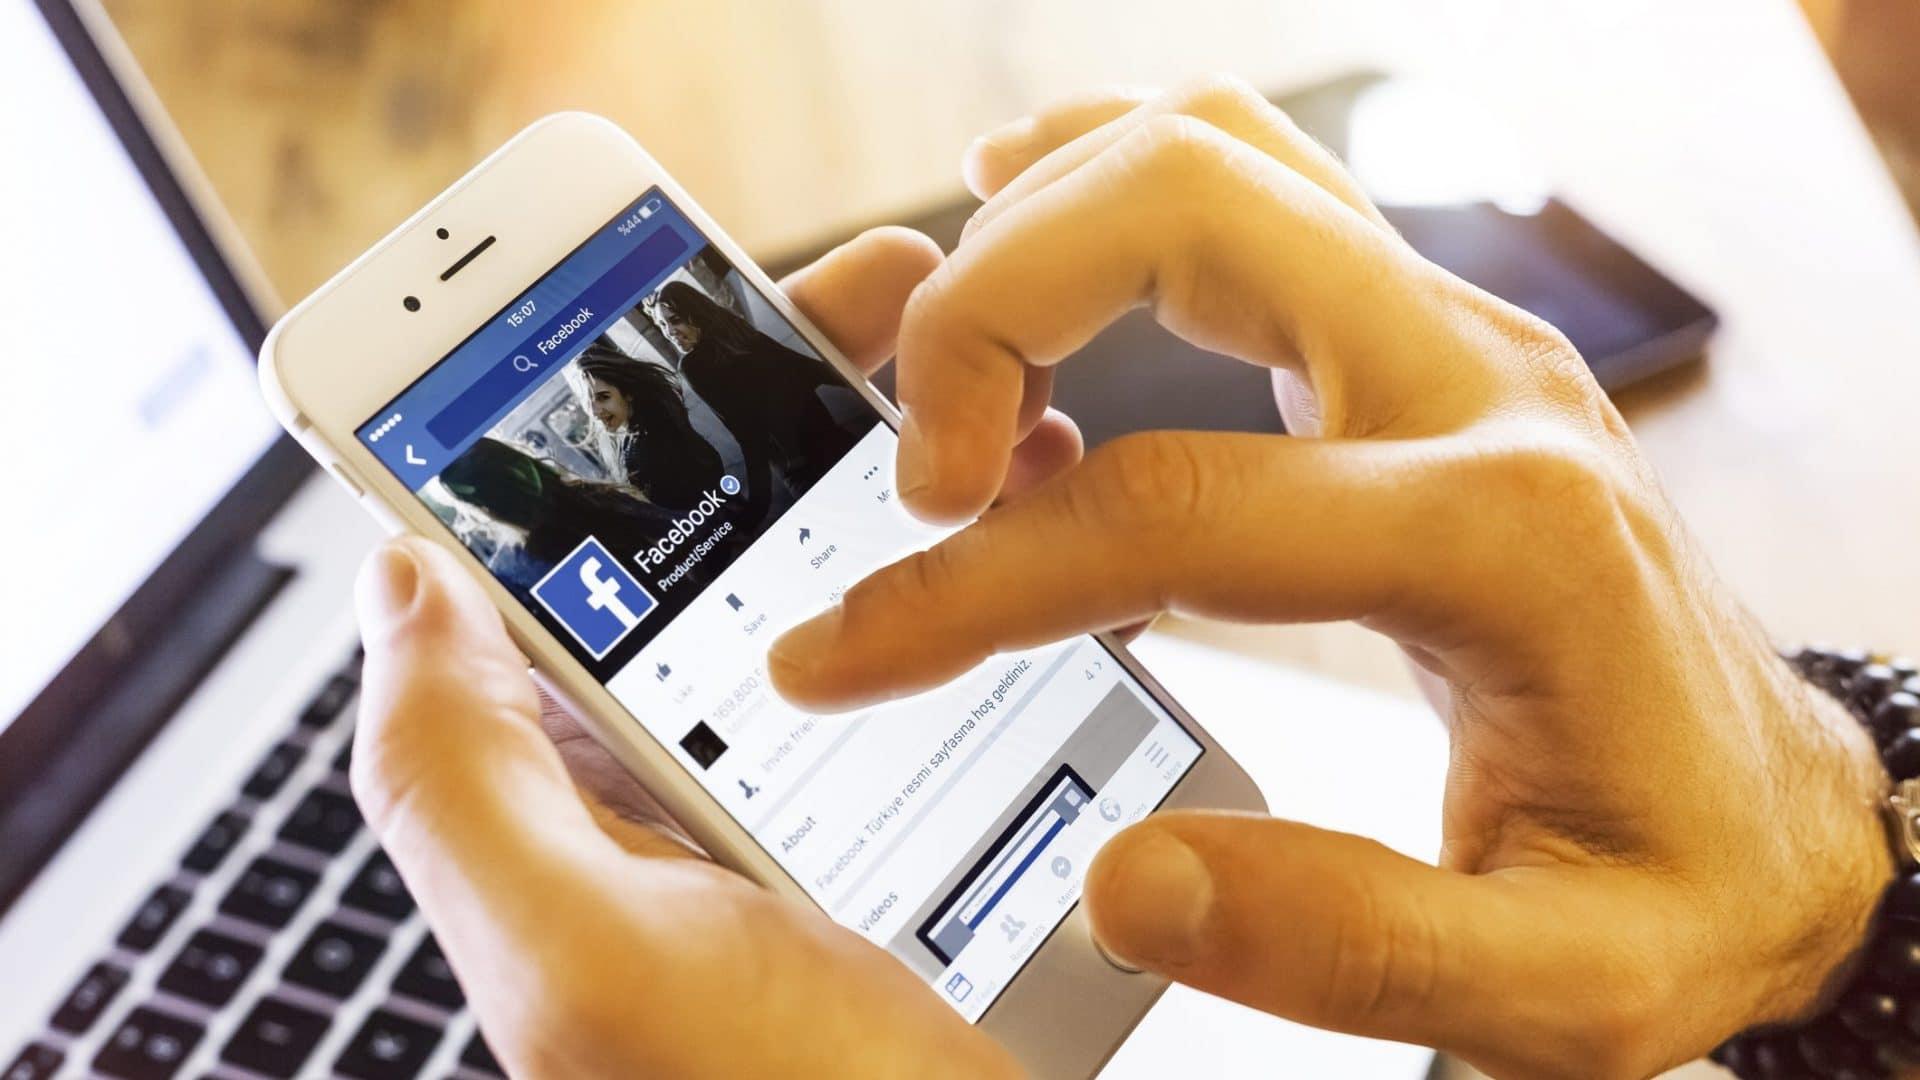 Aumenta il numero di utenti che si connettono solo da mobile